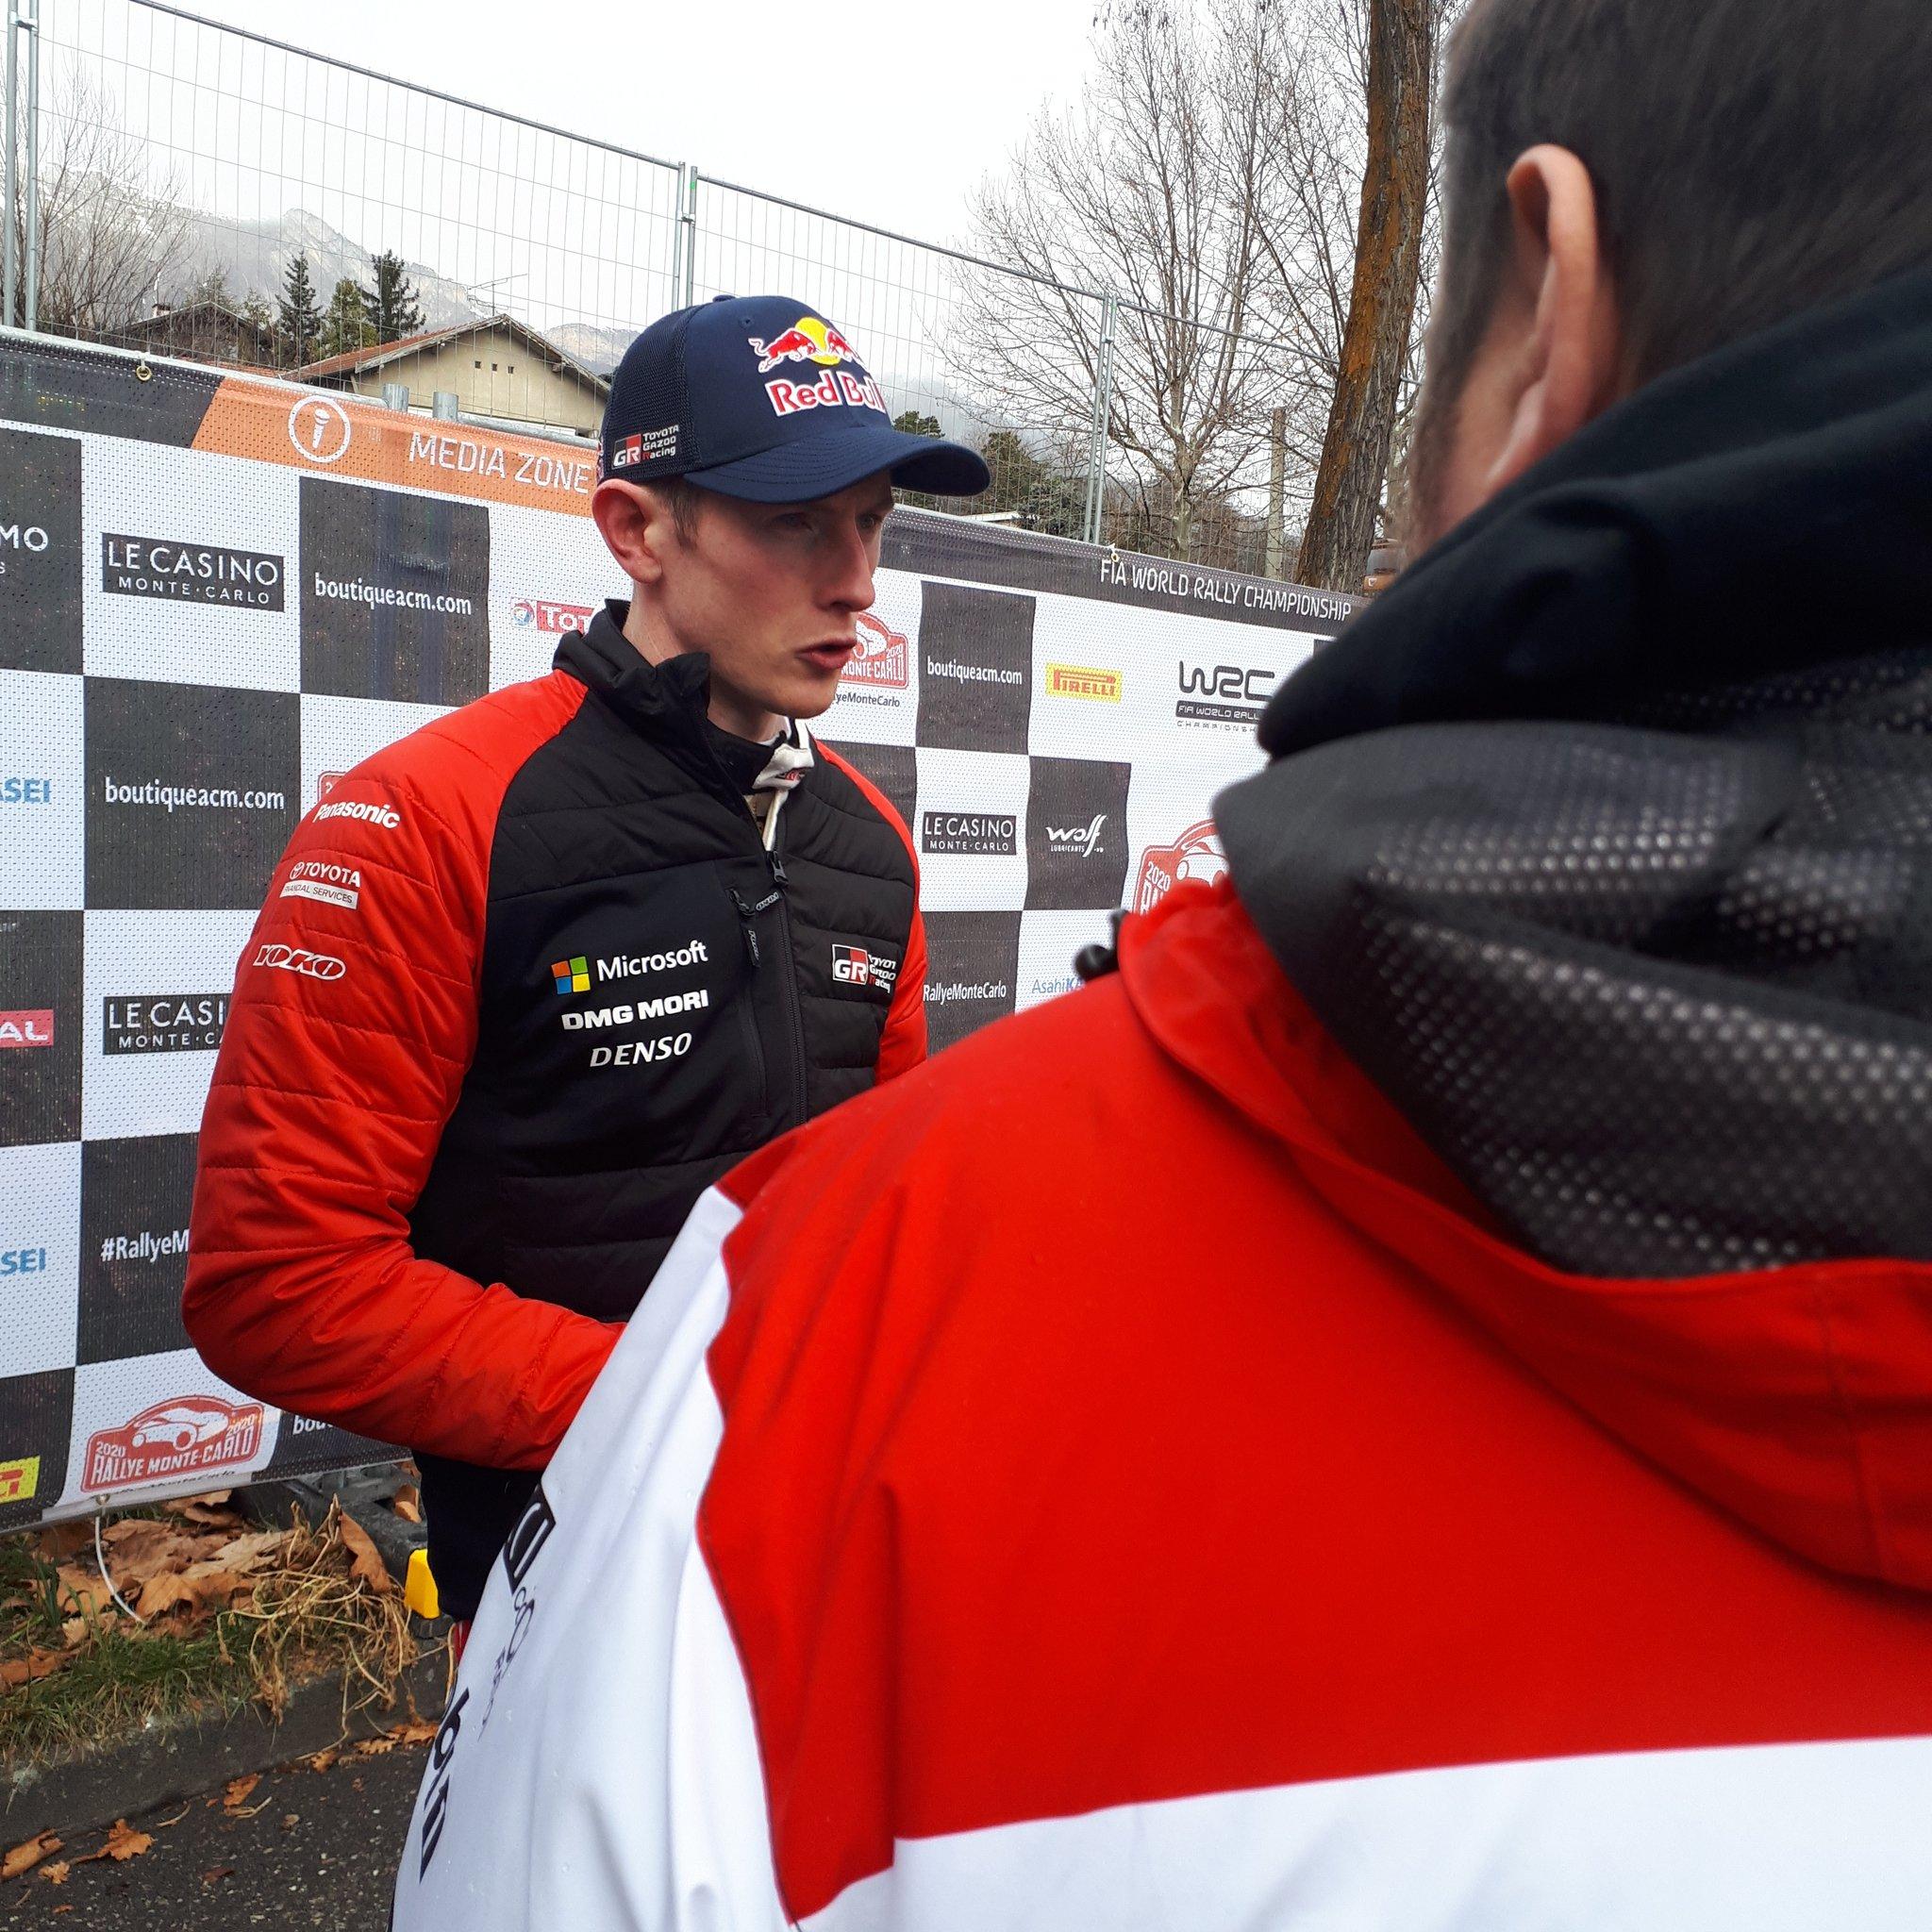 WRC: 88º Rallye Automobile de Monte-Carlo [20-26 de Enero] - Página 9 EPCu8-iXUAEJ8vH?format=jpg&name=4096x4096